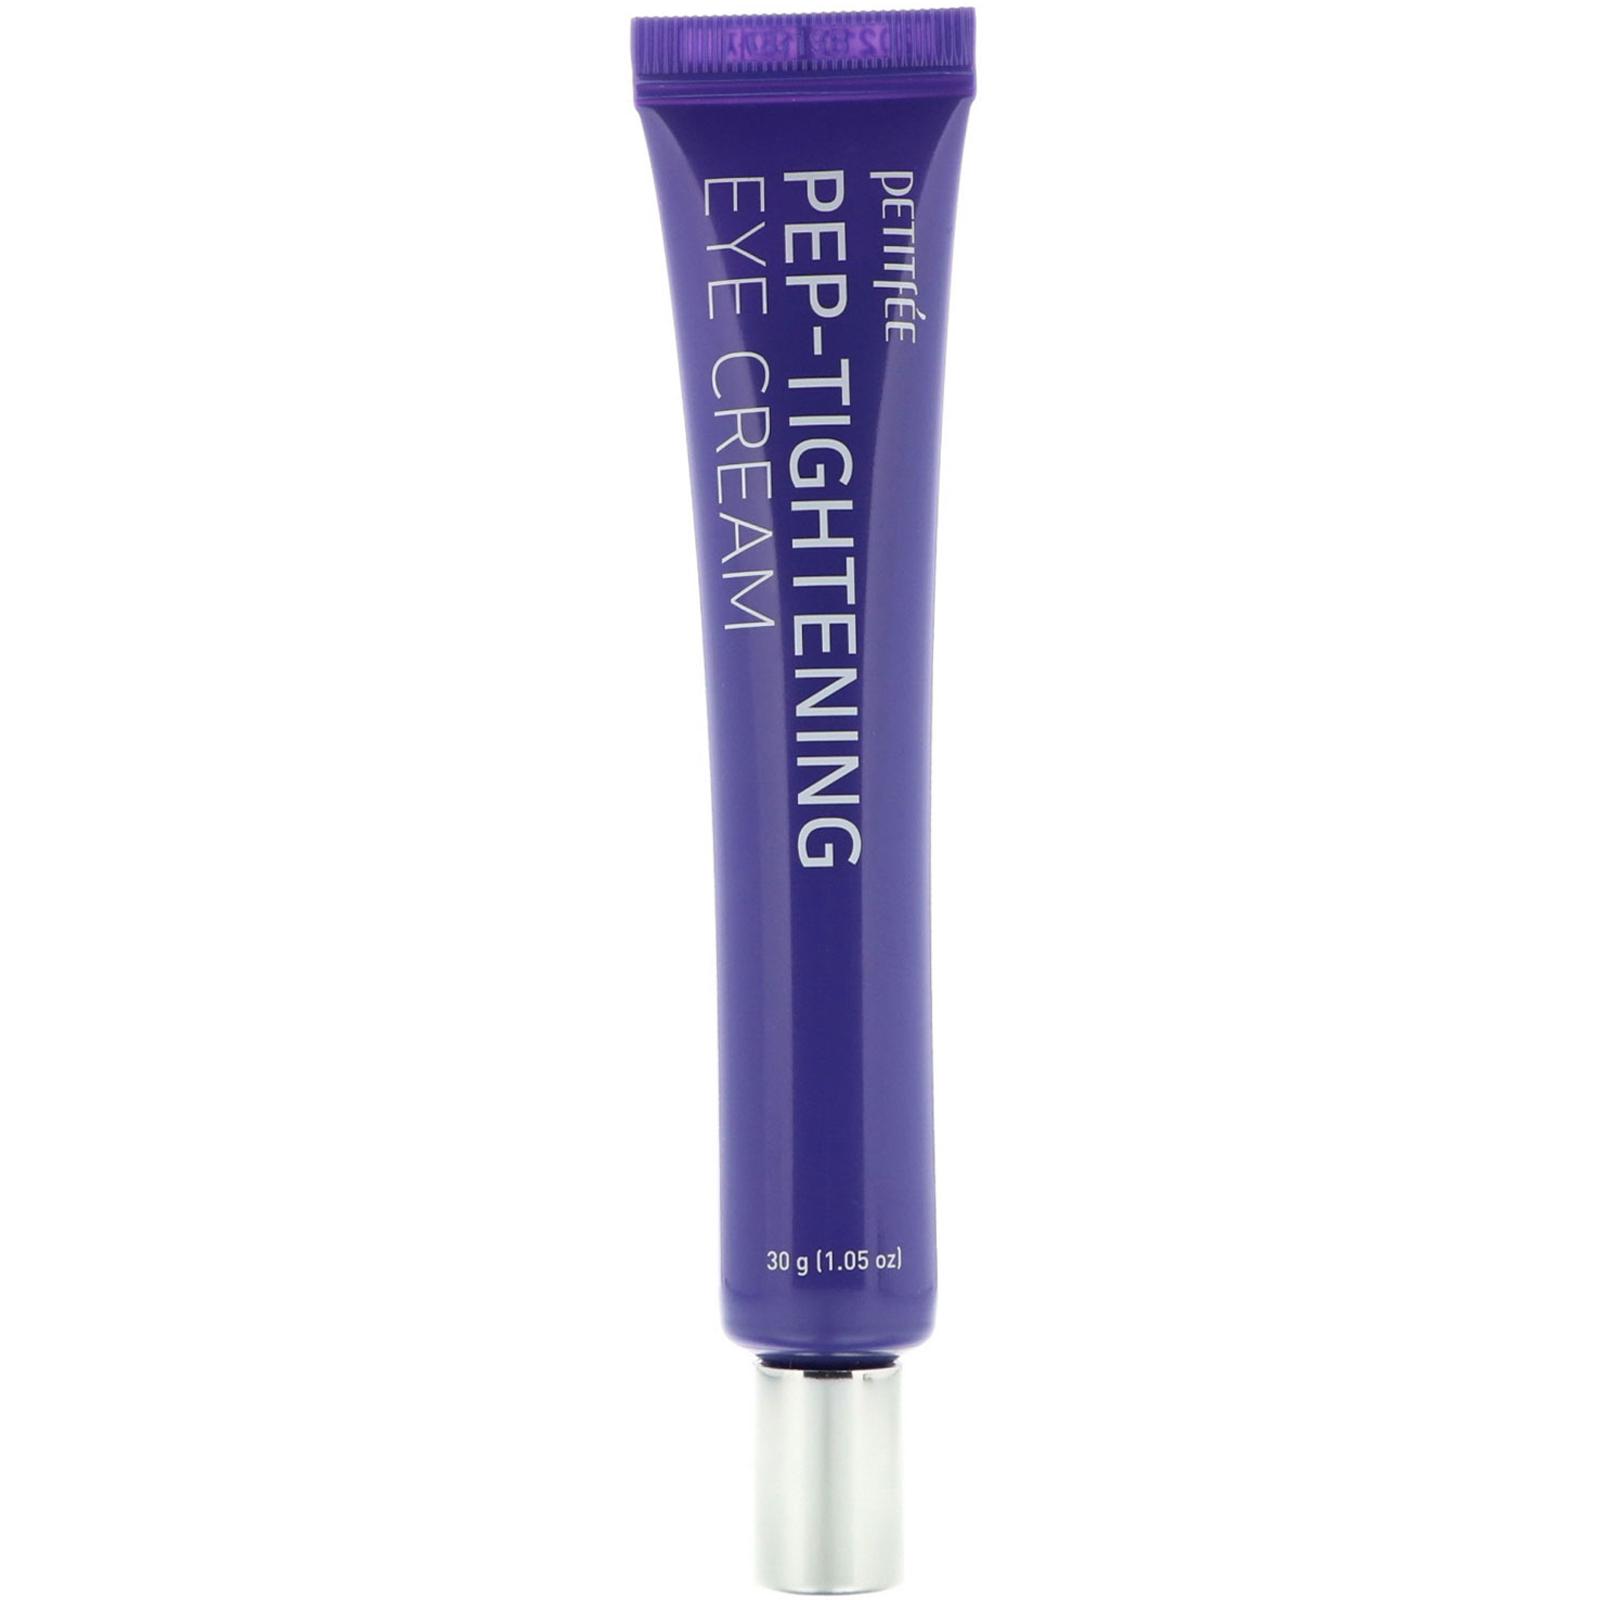 Petitfee, Pep-Tightening Eye Cream, 1 05 oz (30 g)